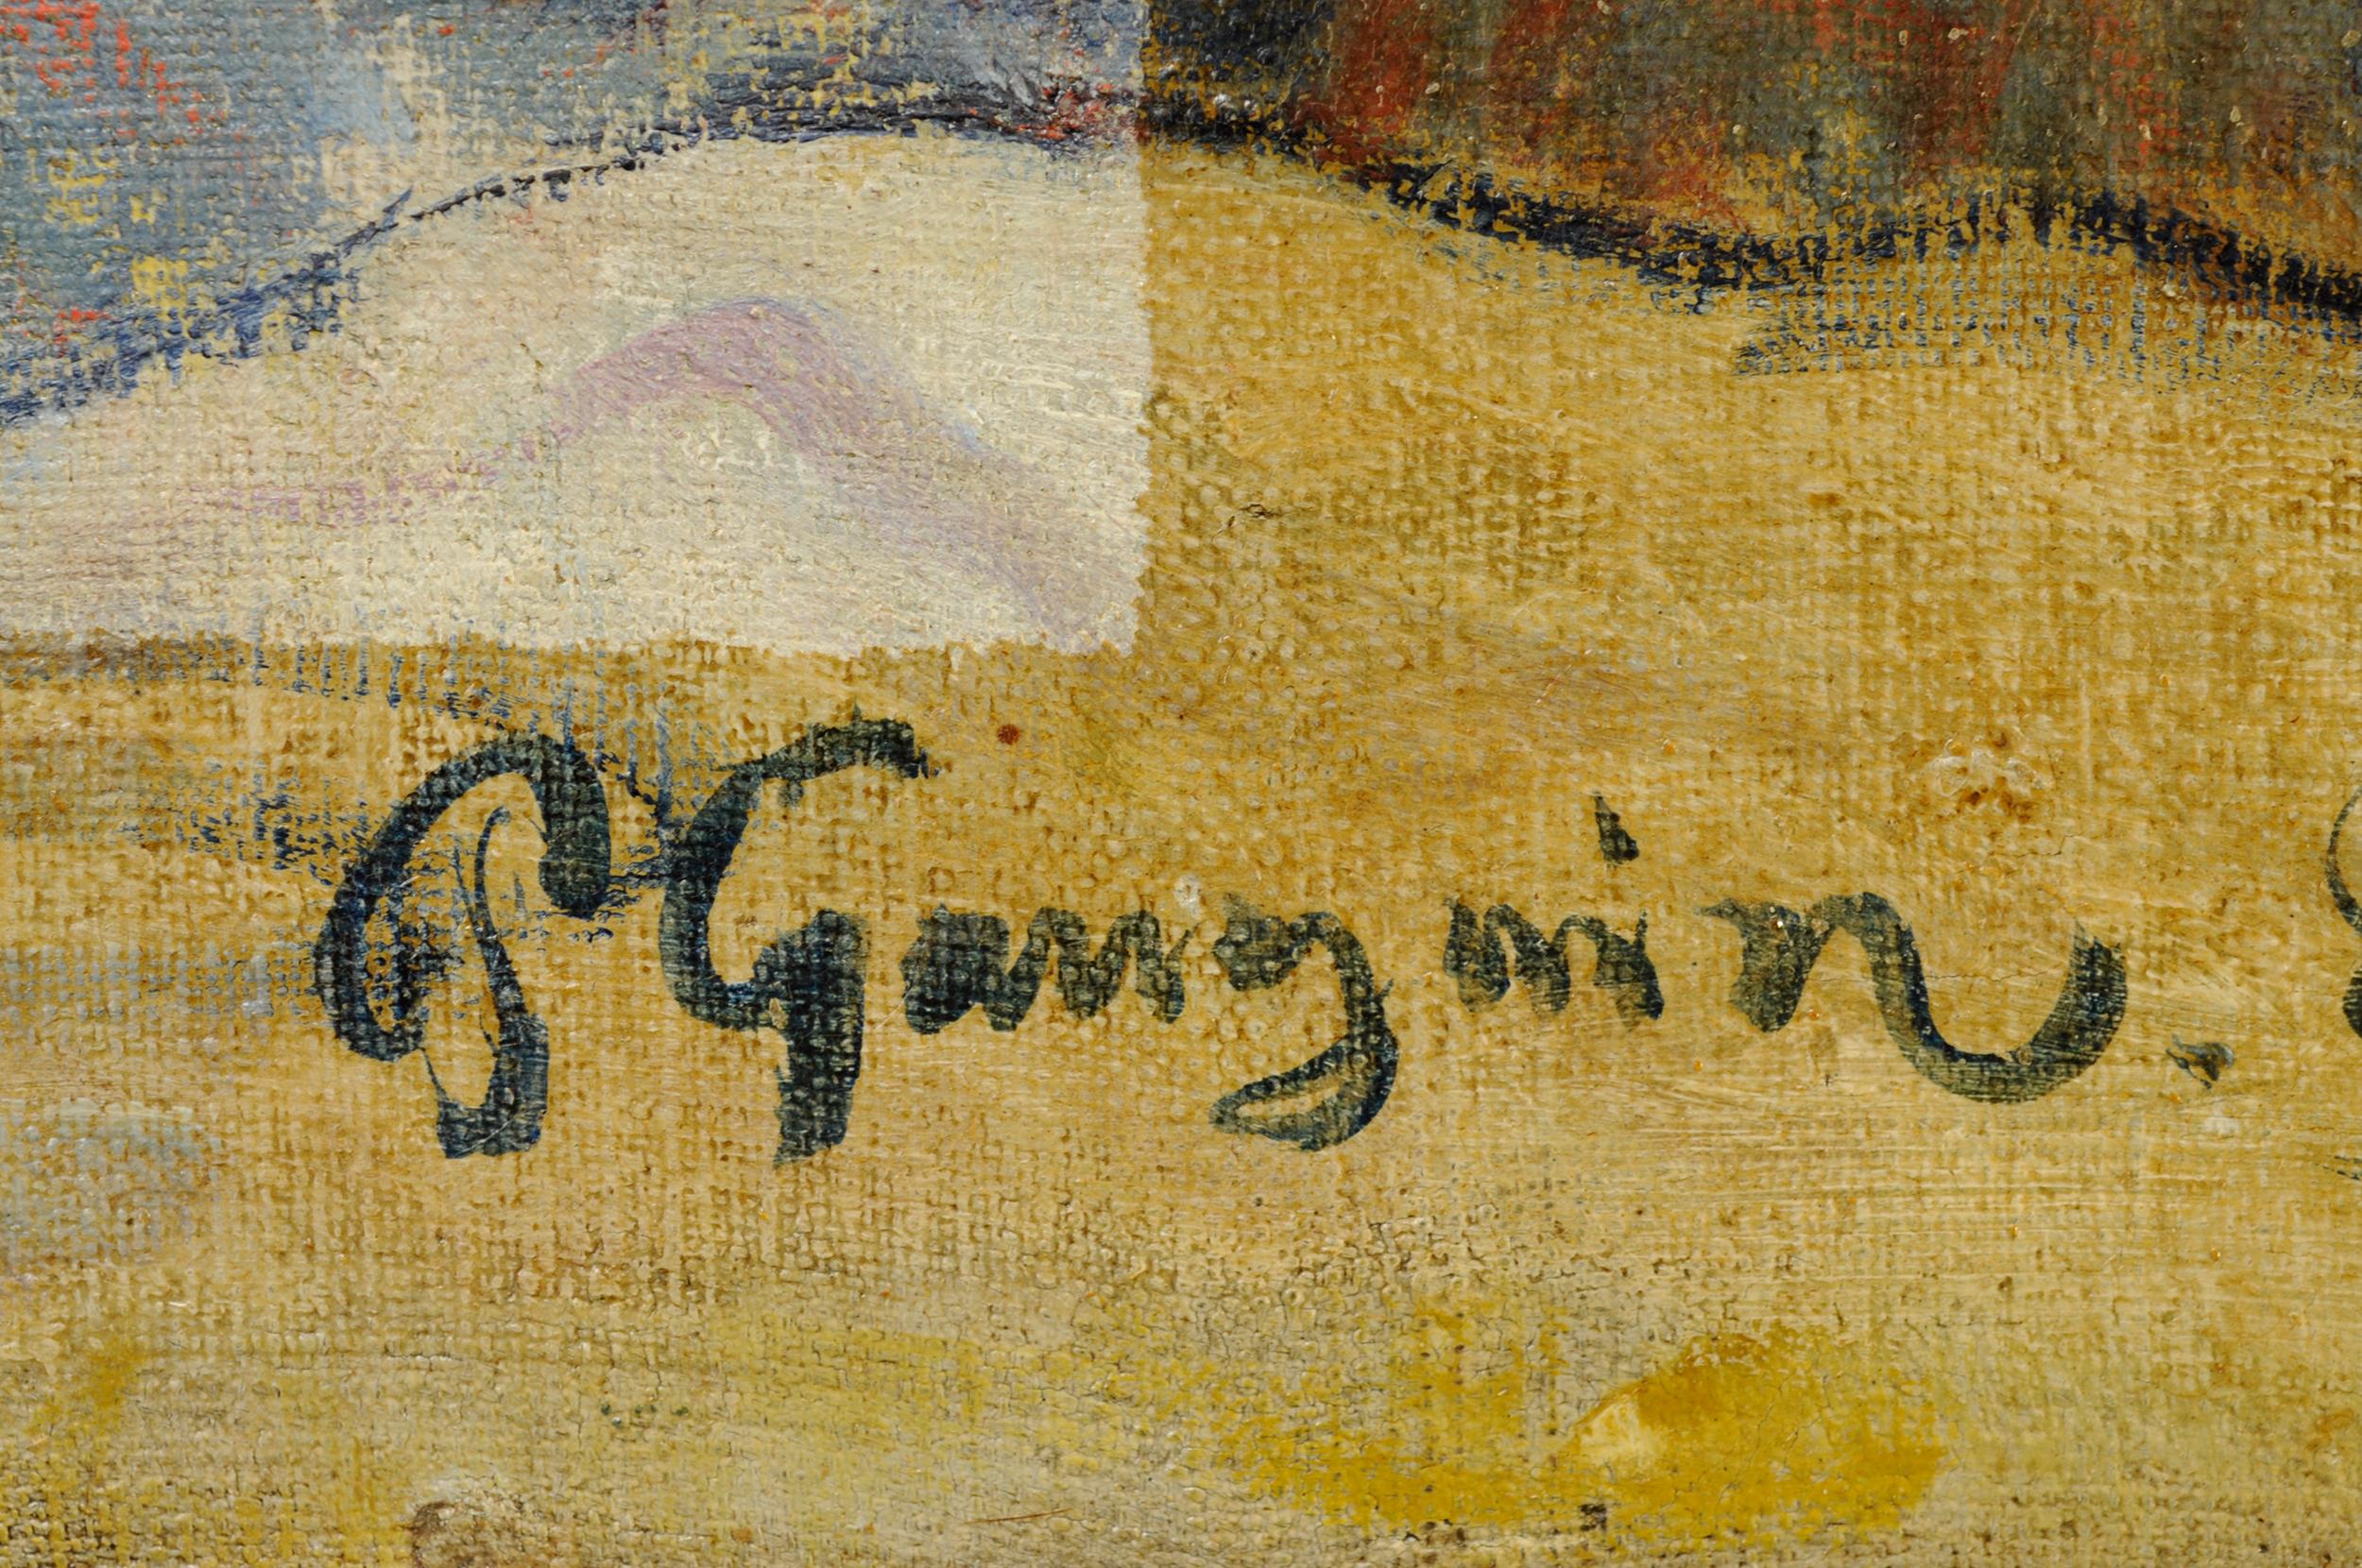 Hamburger Kunsthalle, Engagement, Restaurierung unterstützen